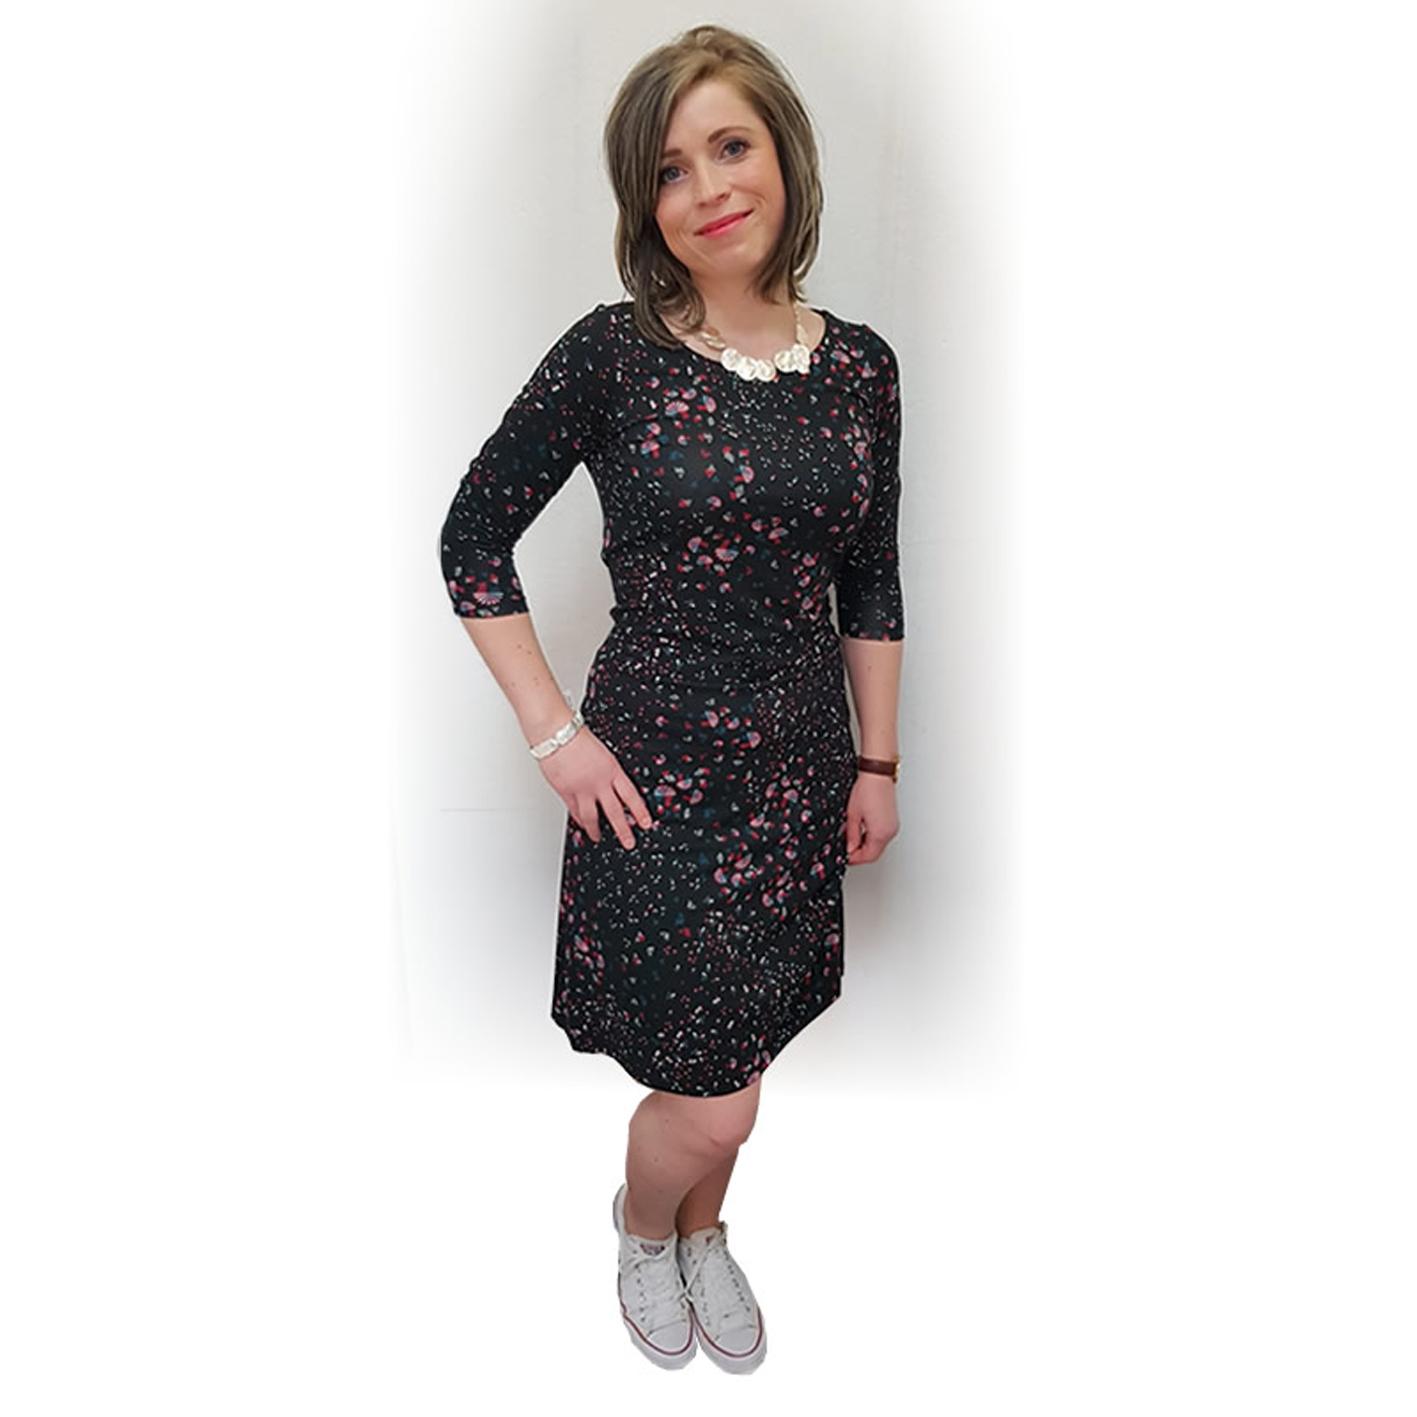 einfach Schön Kleid Melanie